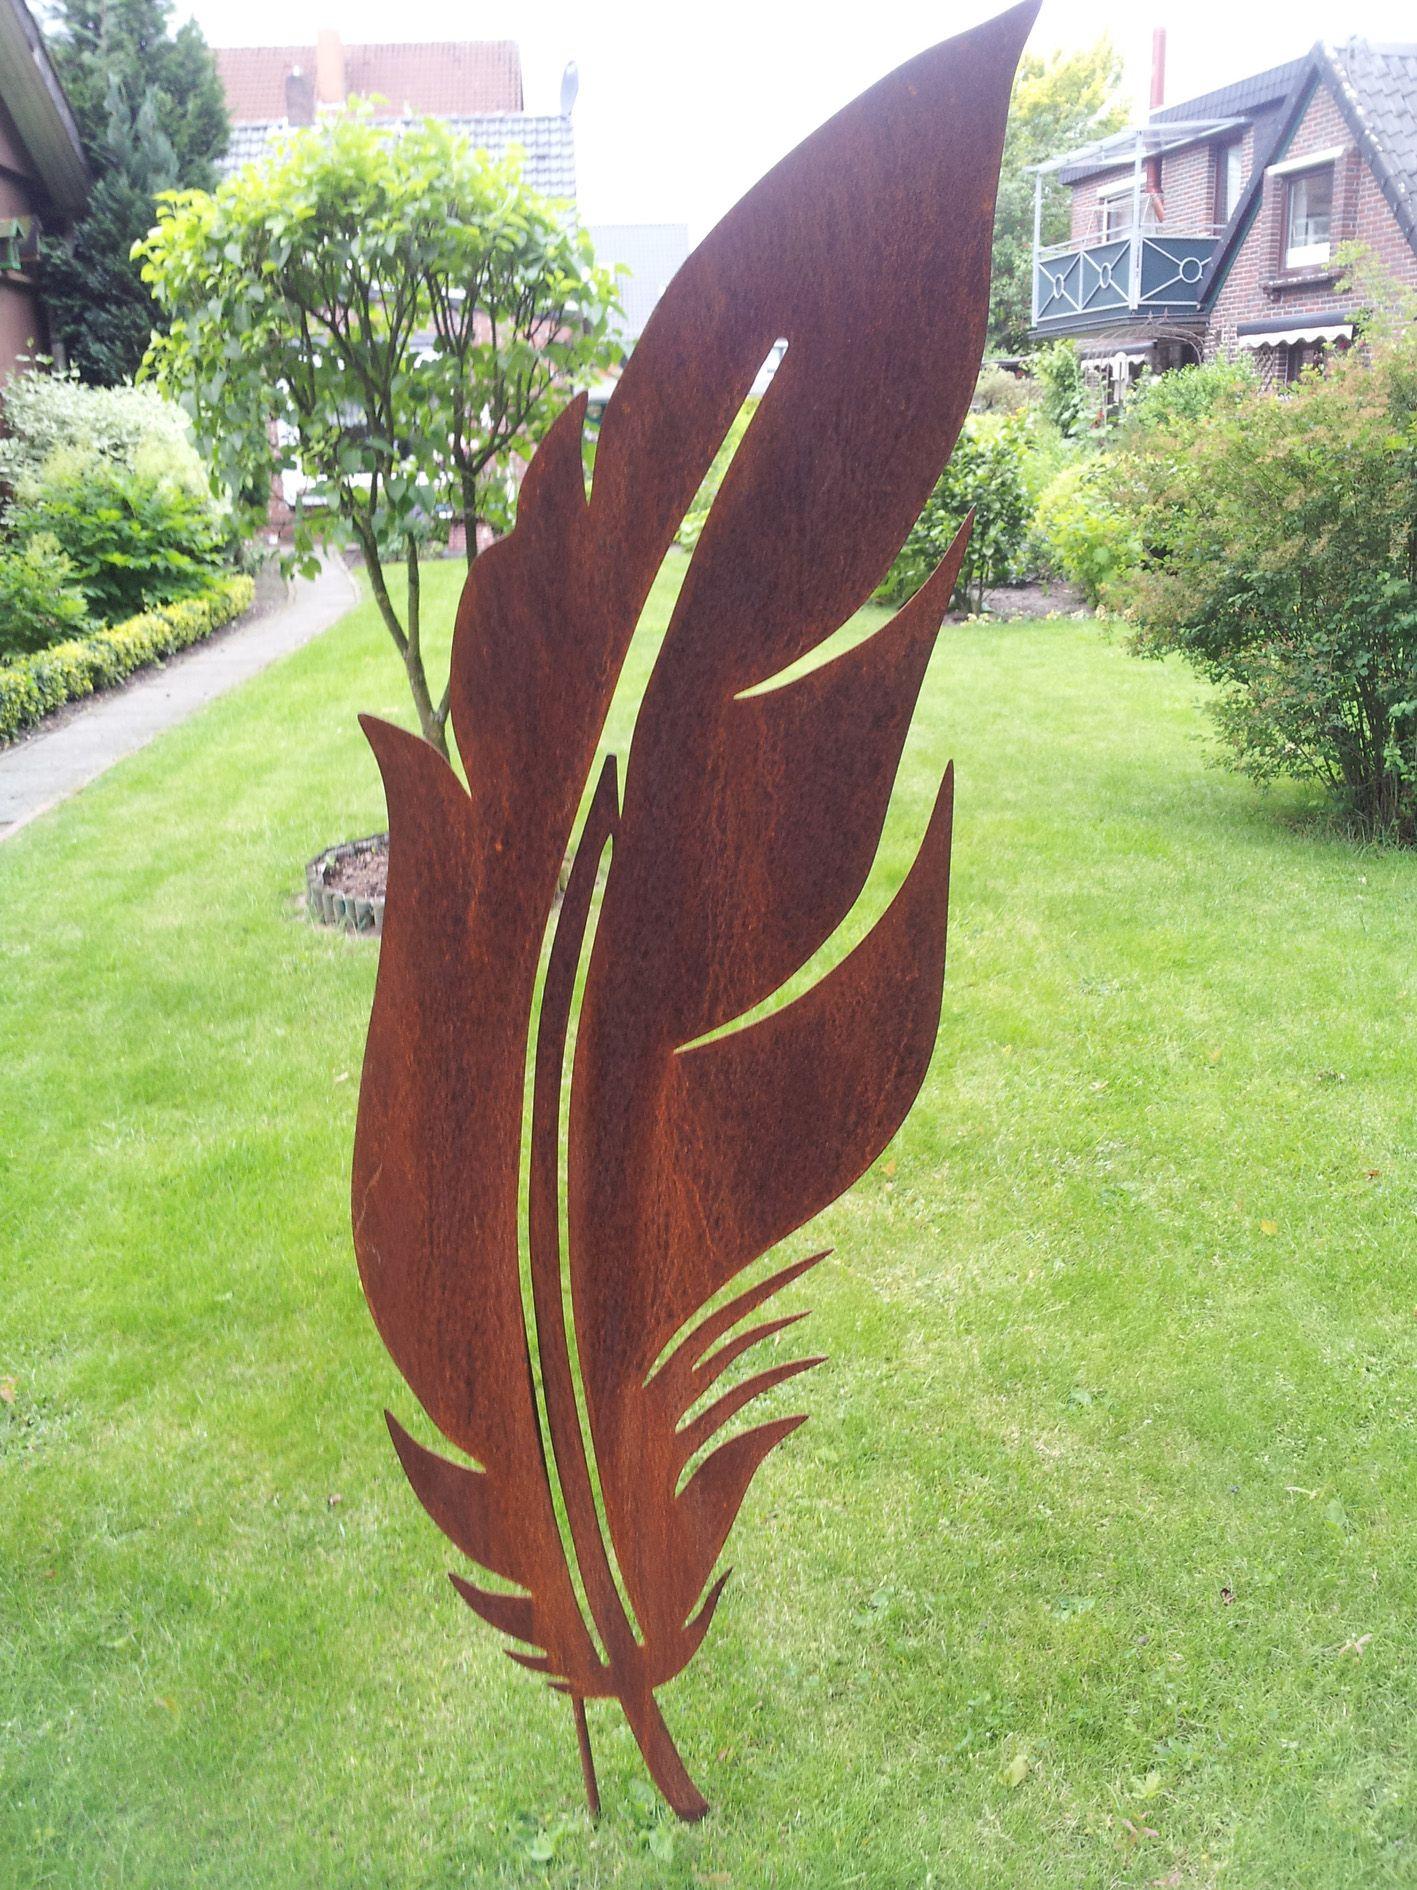 Gartendekoration Rost Feder 2 Verschiedene Gartenstecker Viele Themen Dekoschmiede Comgartenskulptu Schrottplatzkunst Metall Gartenkunst Gartendekoration